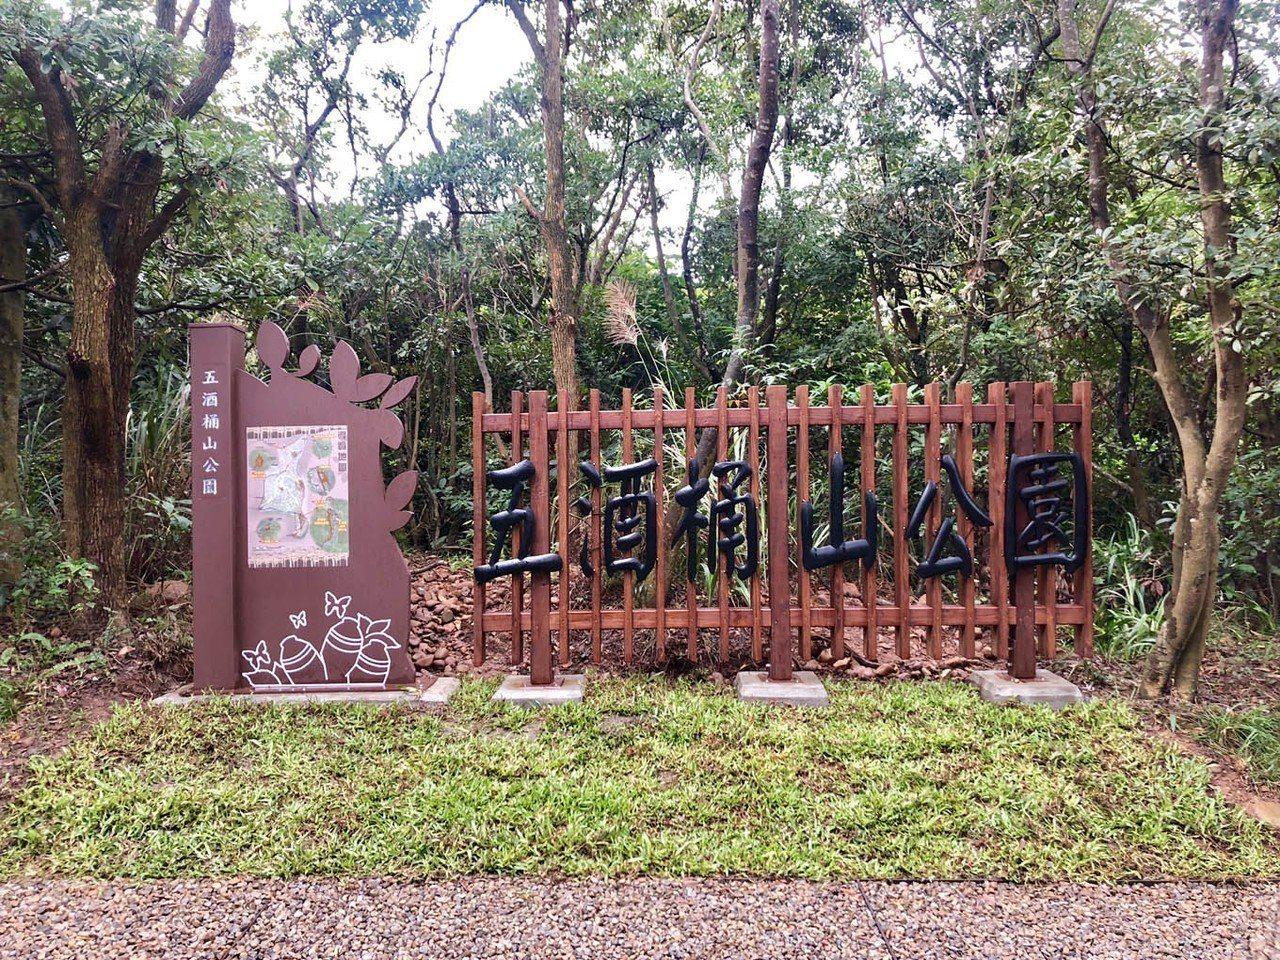 桃園市蘆竹區最大的五酒桶山公園開園,五酒桶入口意象景觀,不同過去的五酒桶山面貌,...